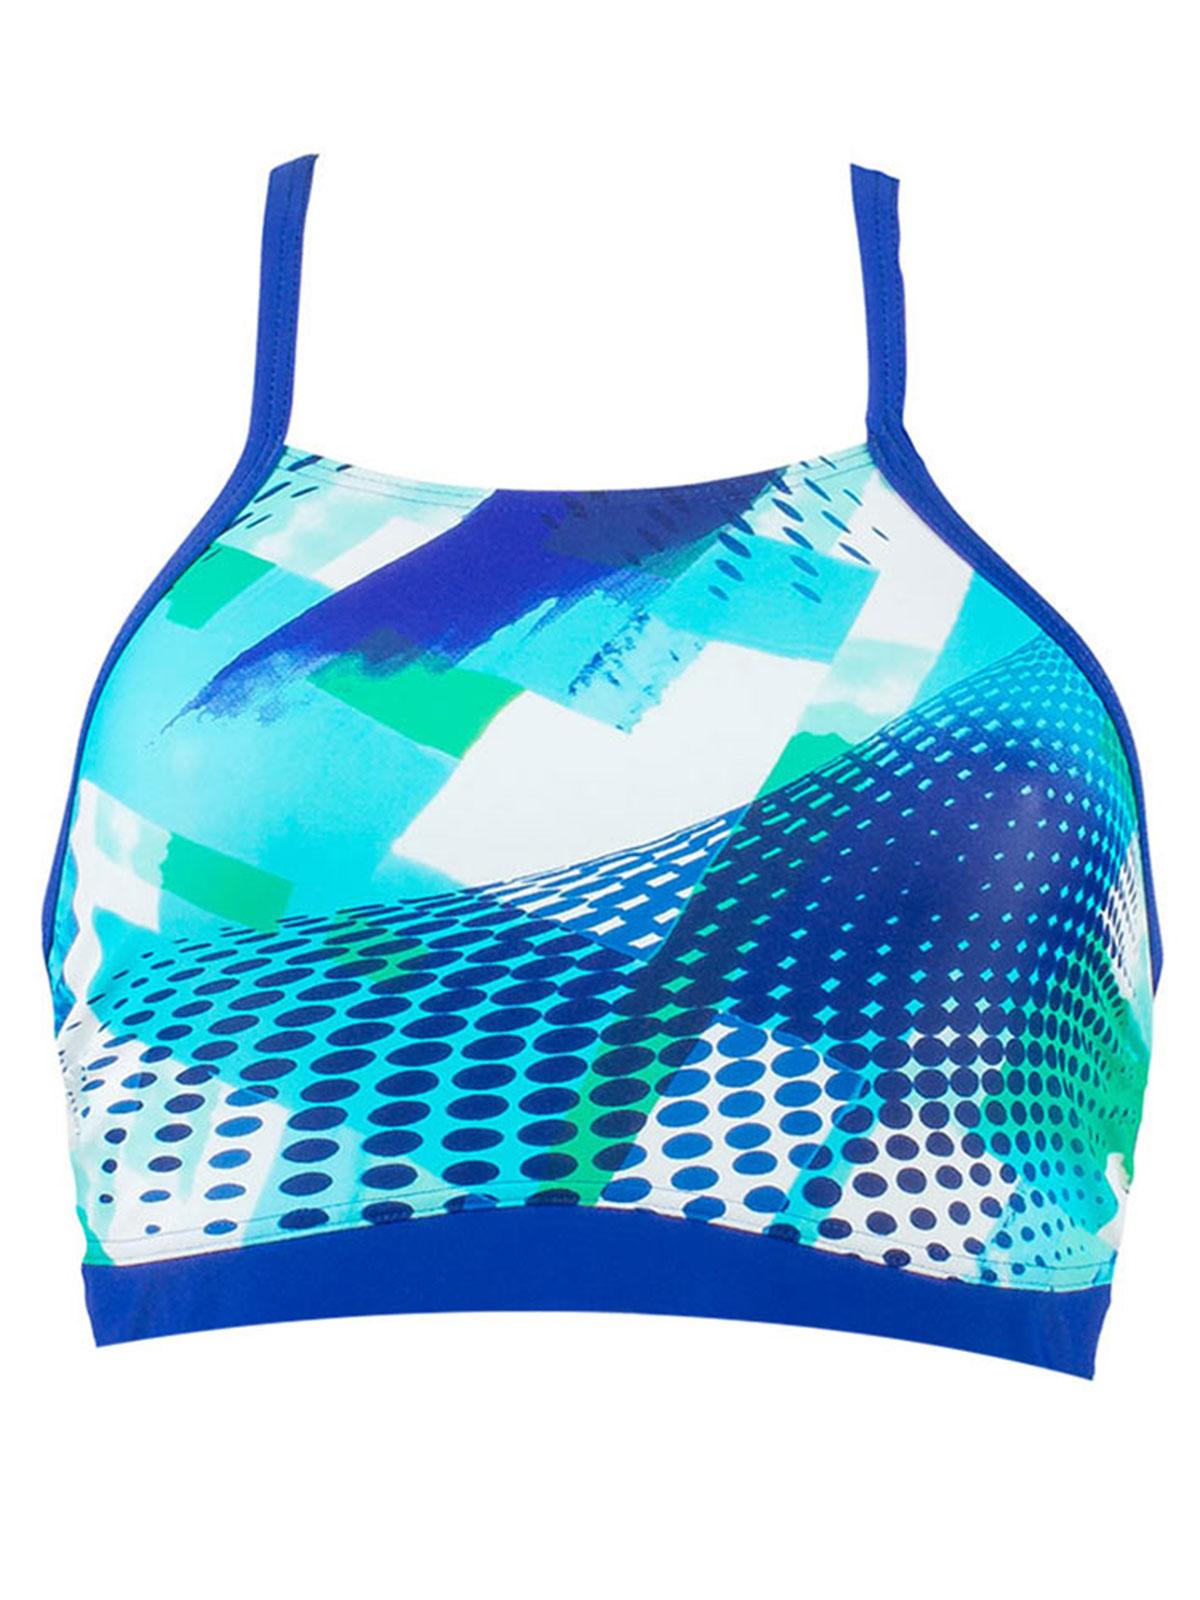 NATURANA Bustier bikini 72471